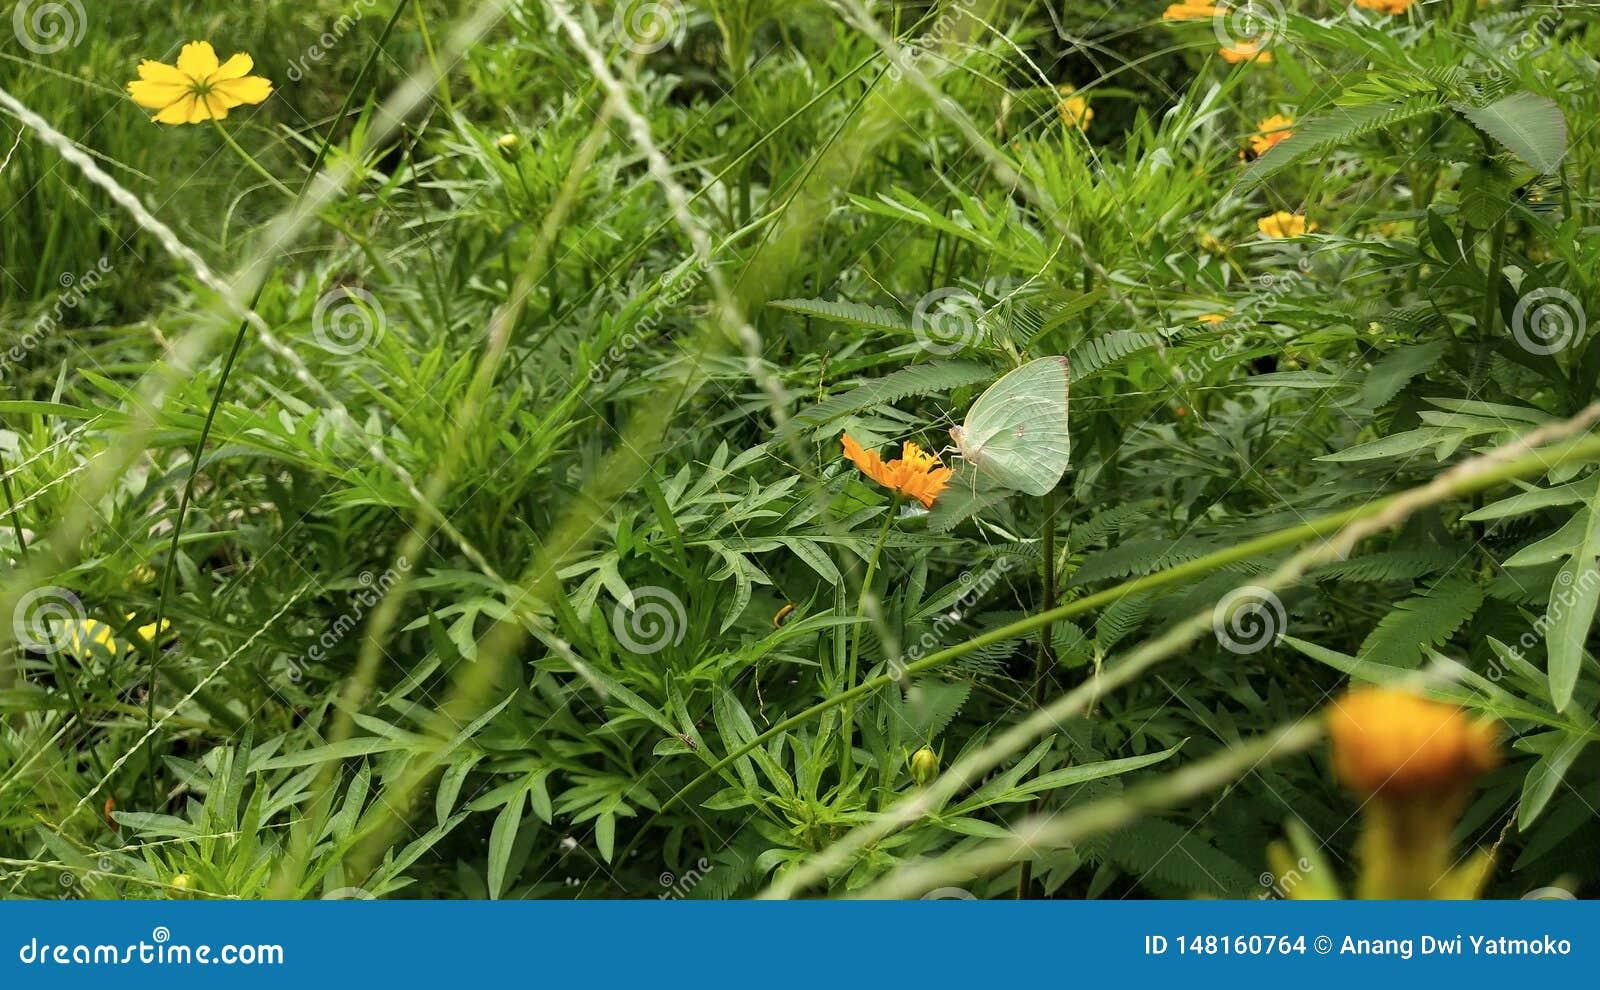 Green wild butterflies perched on orange flowers